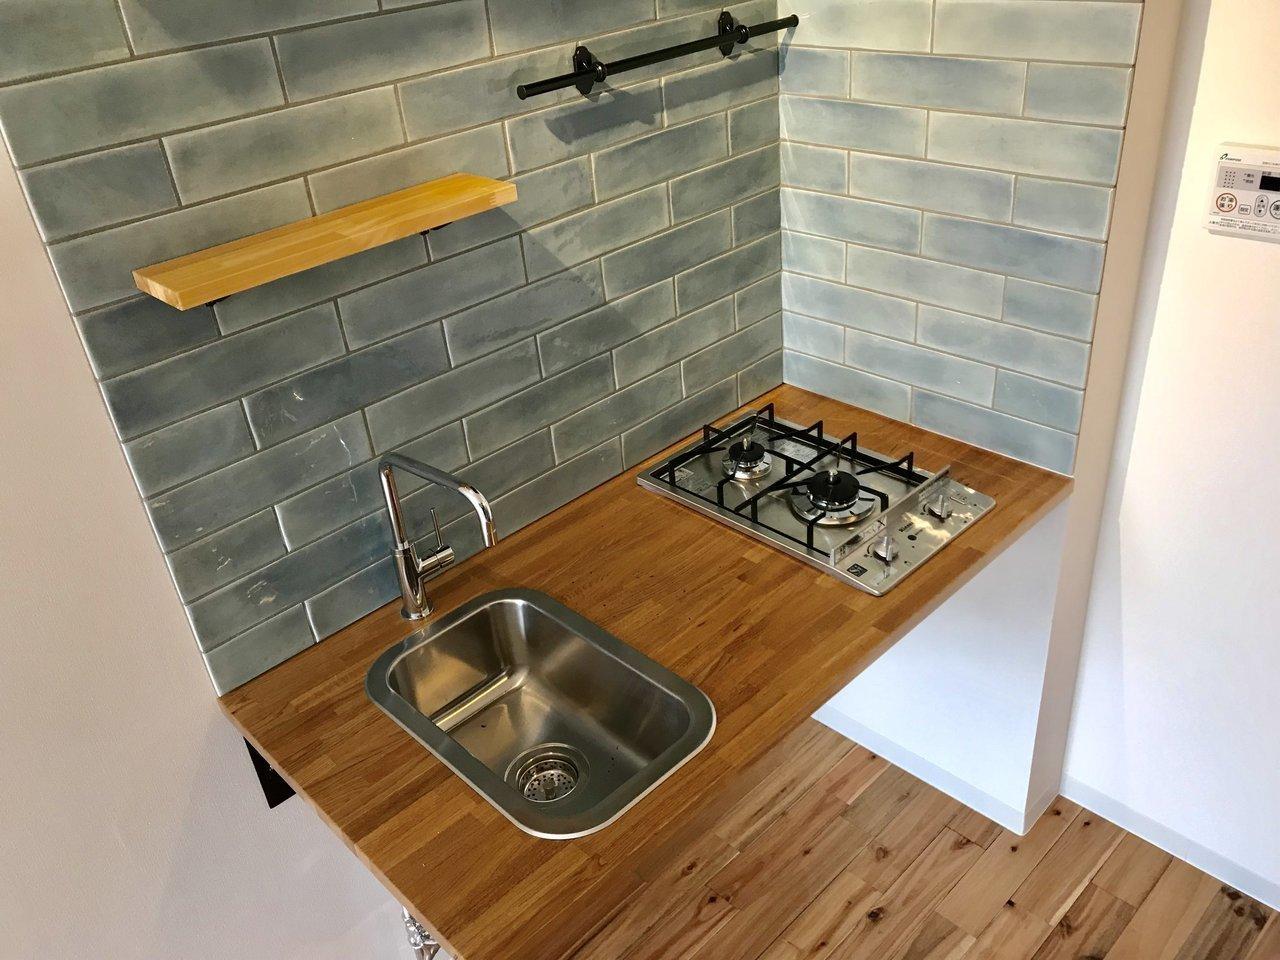 そしてキッチンの緑のタイルがとってもかわいいのもうれしい。収納スペースはないので、キッチン下に棚などを置いて代用しましょう。